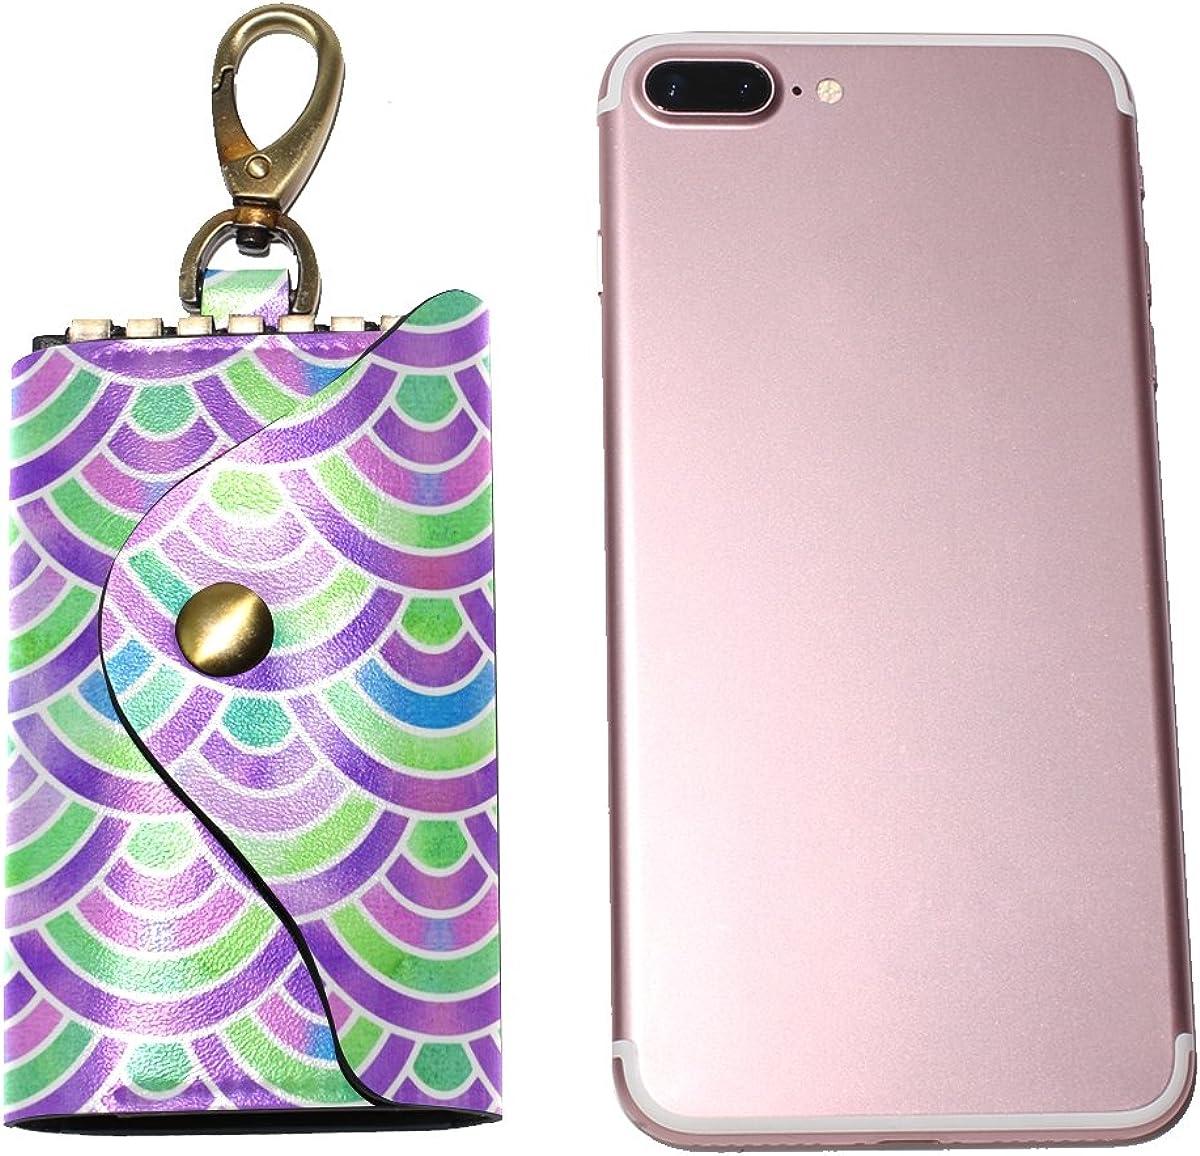 DEYYA Mermaid Scales Leather Key Case Wallets Unisex Keychain Key Holder with 6 Hooks Snap Closure